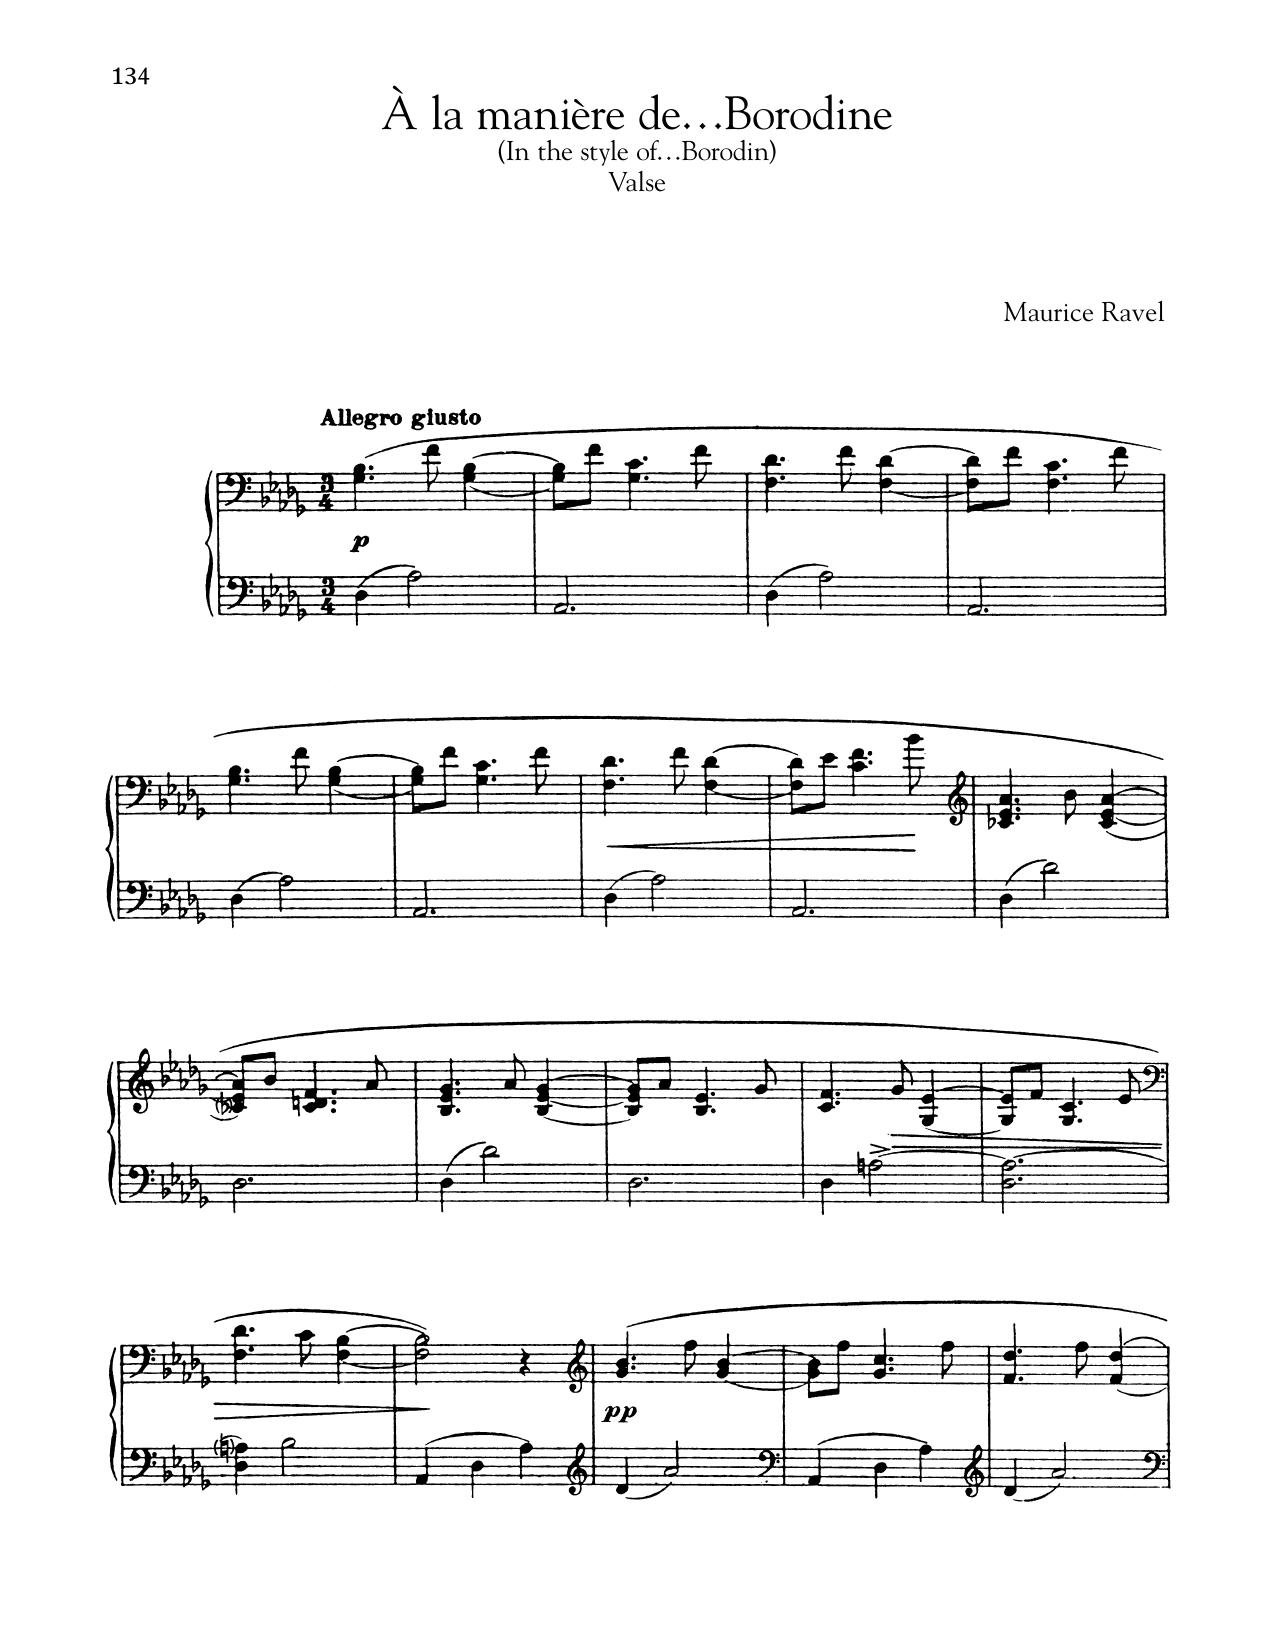 a critique of la valse a musical piece by maurice ravel Maurice béjart aborde en 1964, la 9è pour célébrer la gloire et le goût musical et artistique des 3 souverains de la valse par.